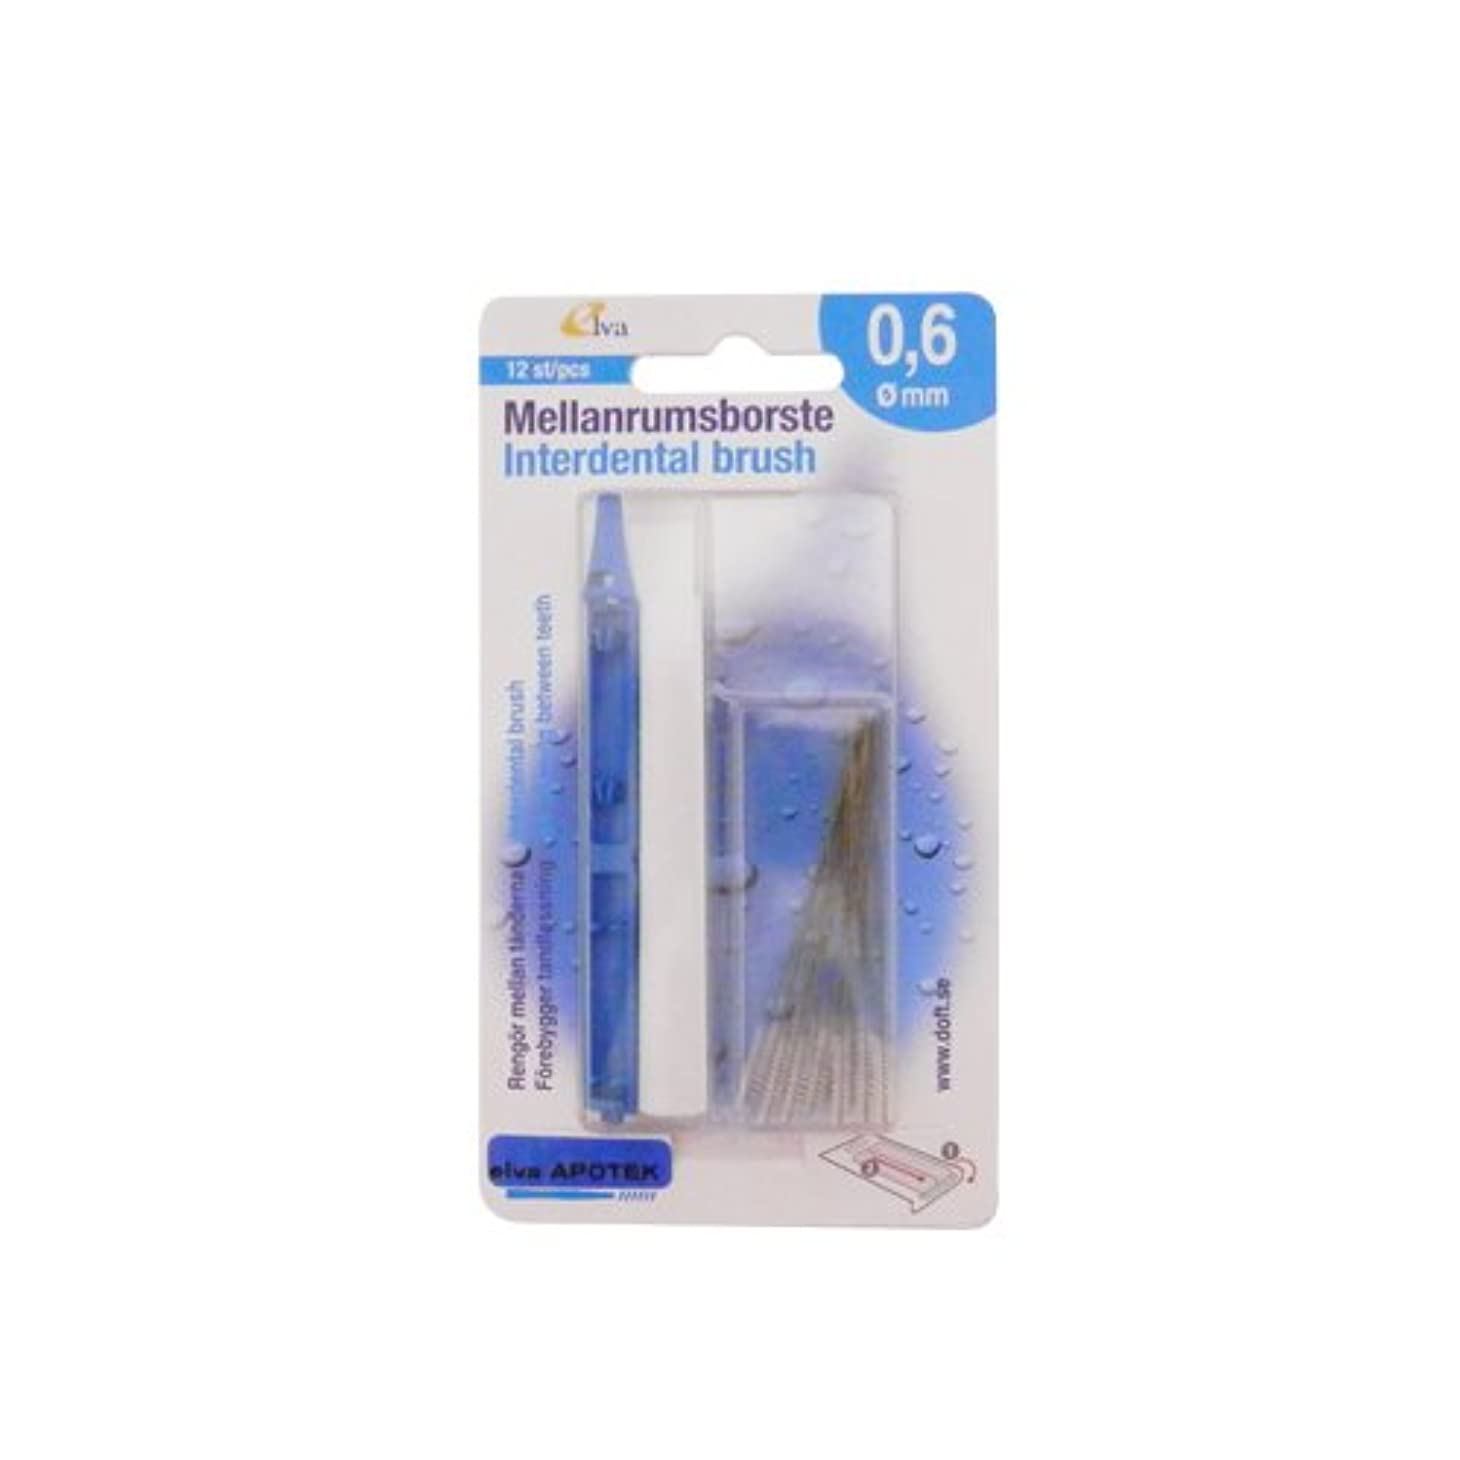 マティスシャイ講義エルバ アポテック 歯間ブラシ ELVA APOTEK 12本入 ライトブルー 0.6mm